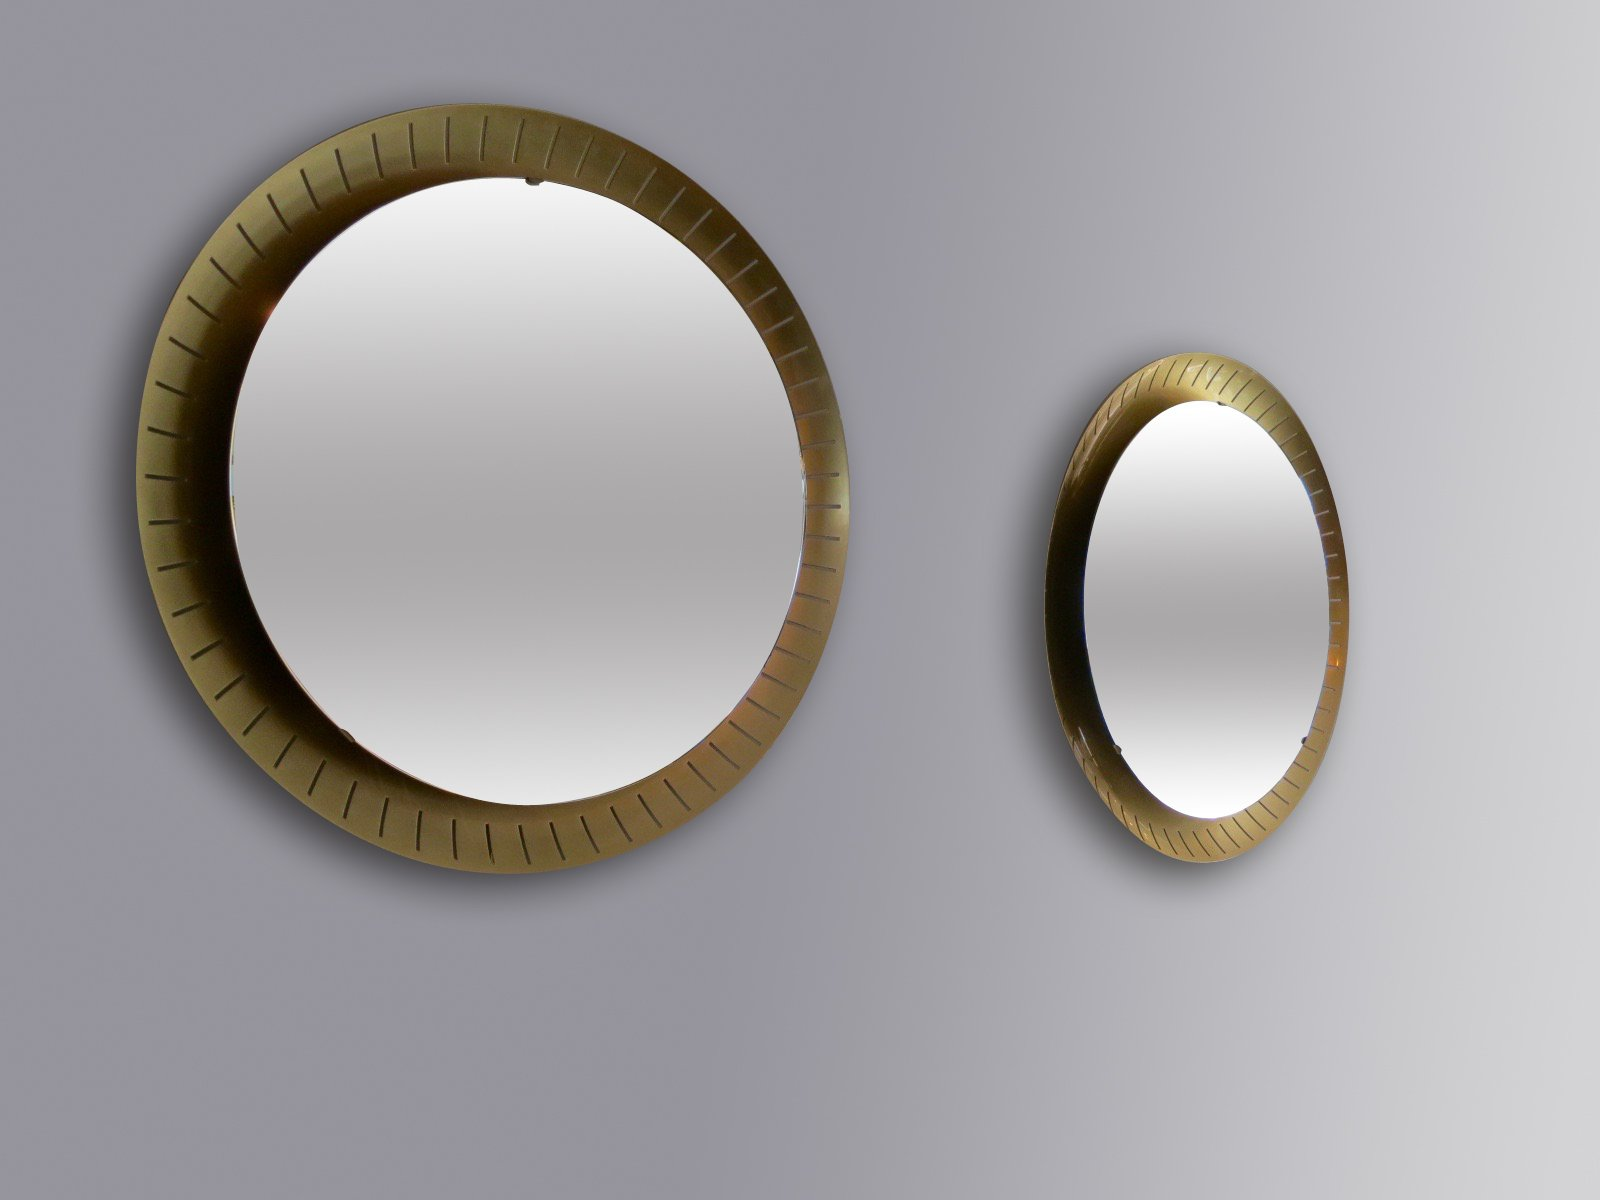 runde spiegel best vintage runde spiegel frauen marke designer fahr polaroid linse steampunk. Black Bedroom Furniture Sets. Home Design Ideas